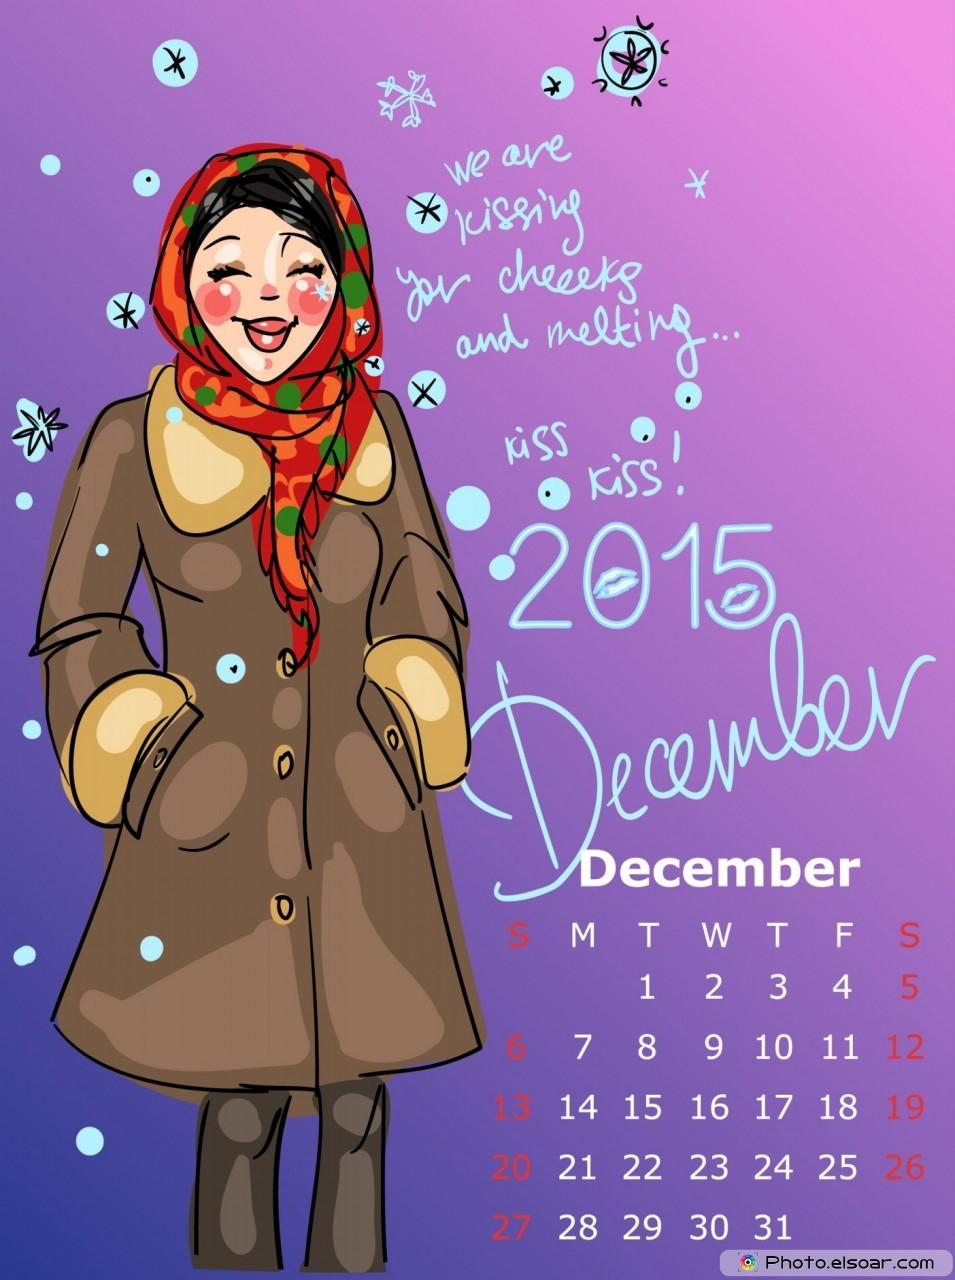 12 Dec 2015 Calendar